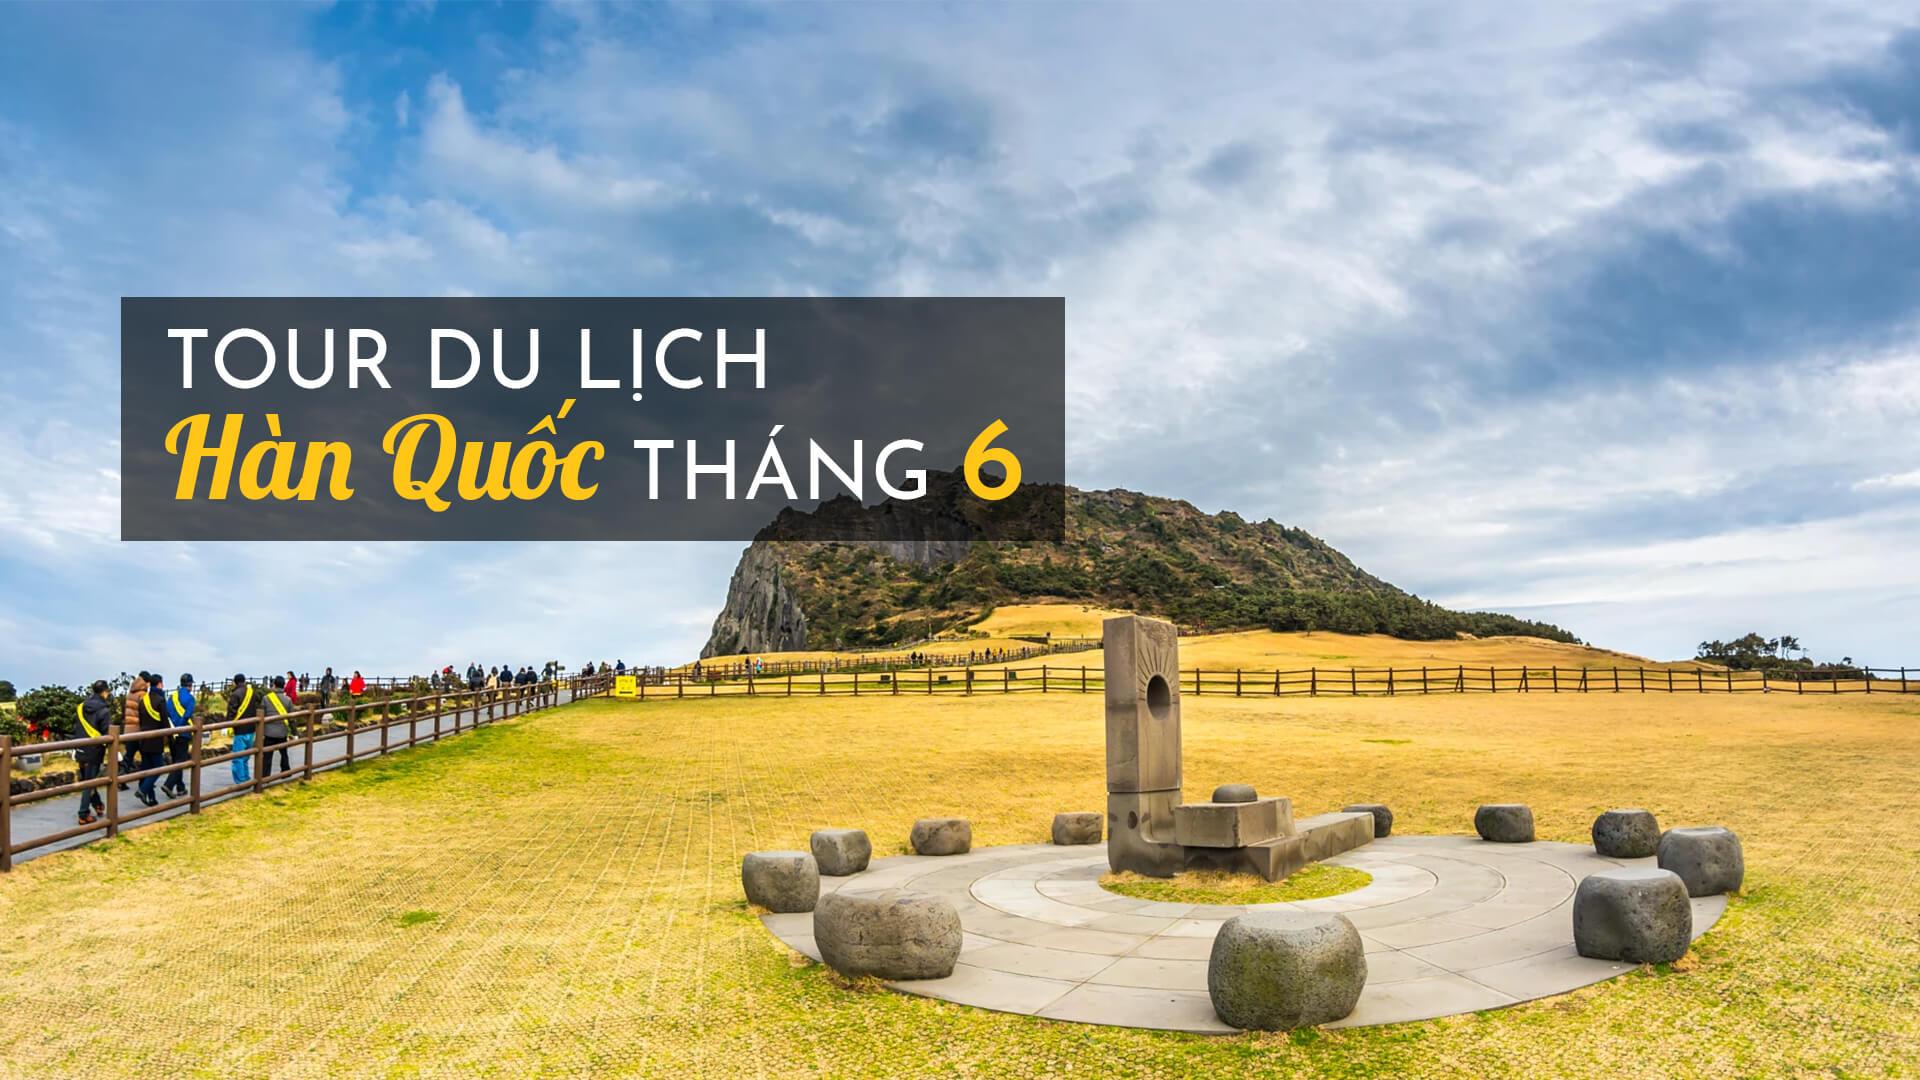 Tour du lịch Hàn Quốc tháng 6 - khám phá mùa hè xứ sở kim chi